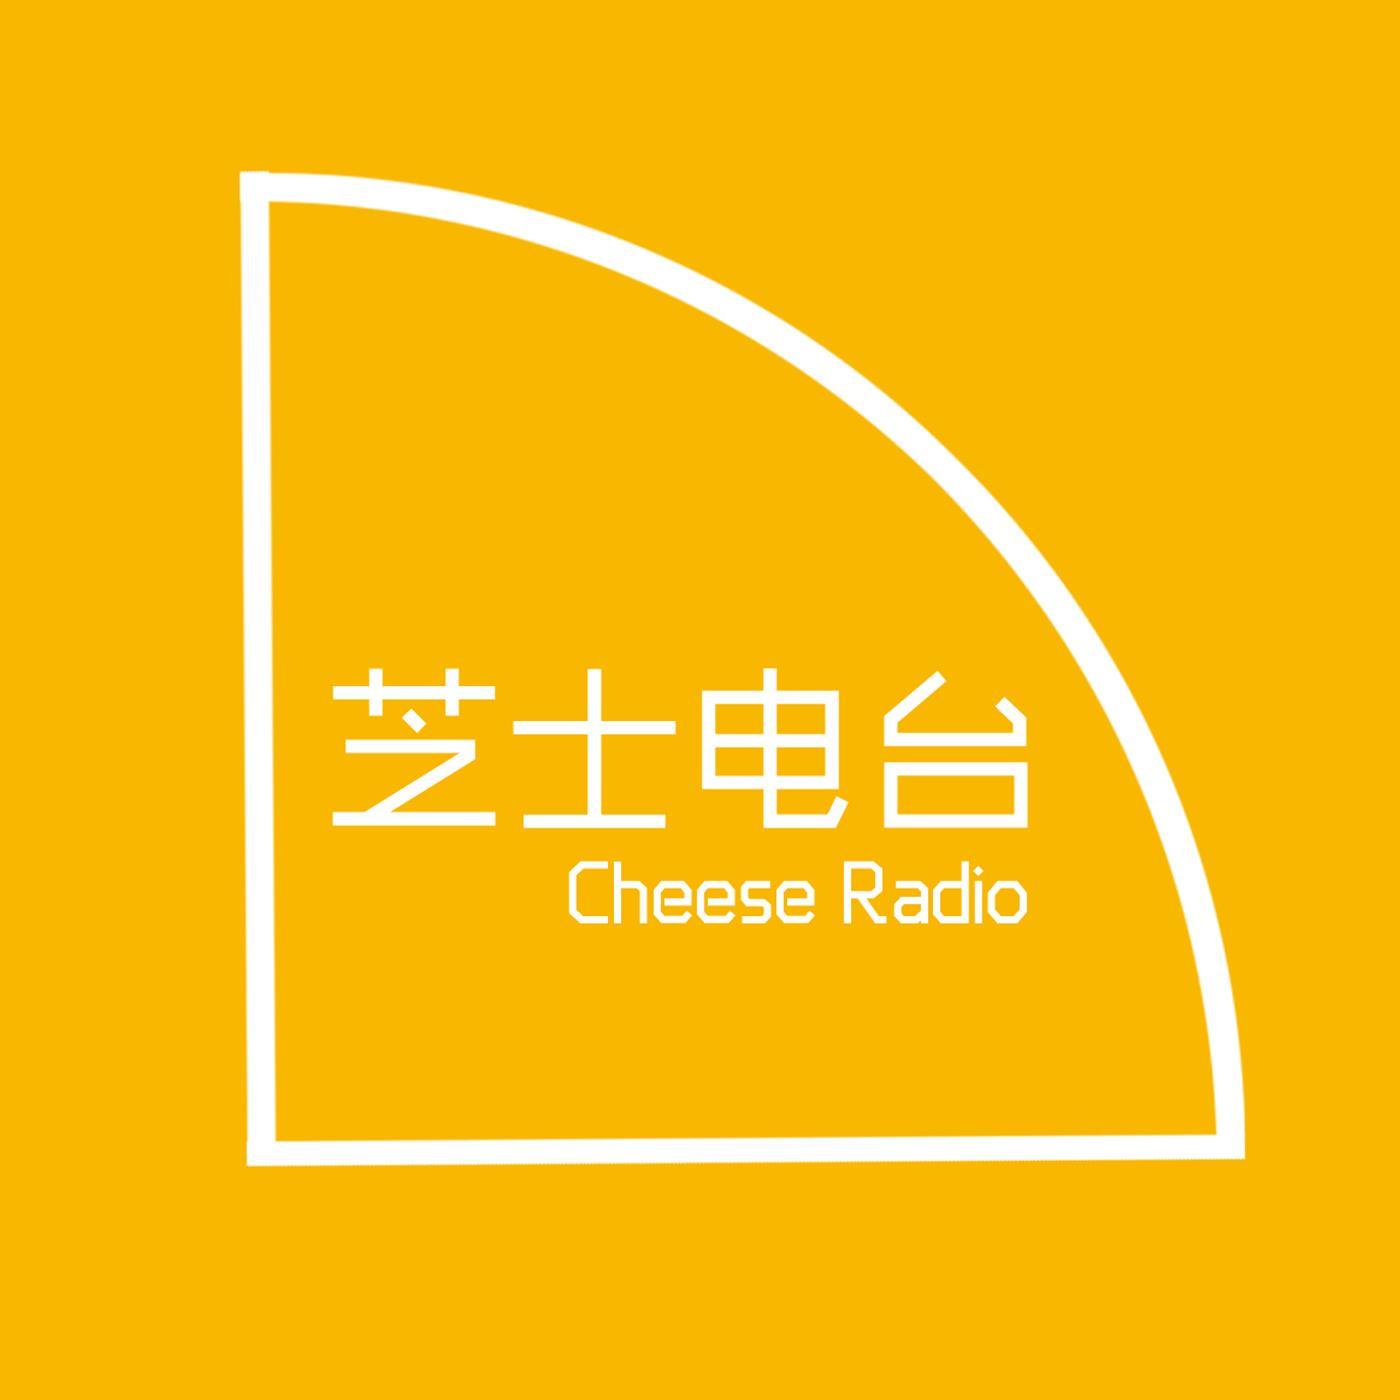 <![CDATA[Cheese Radio]]>